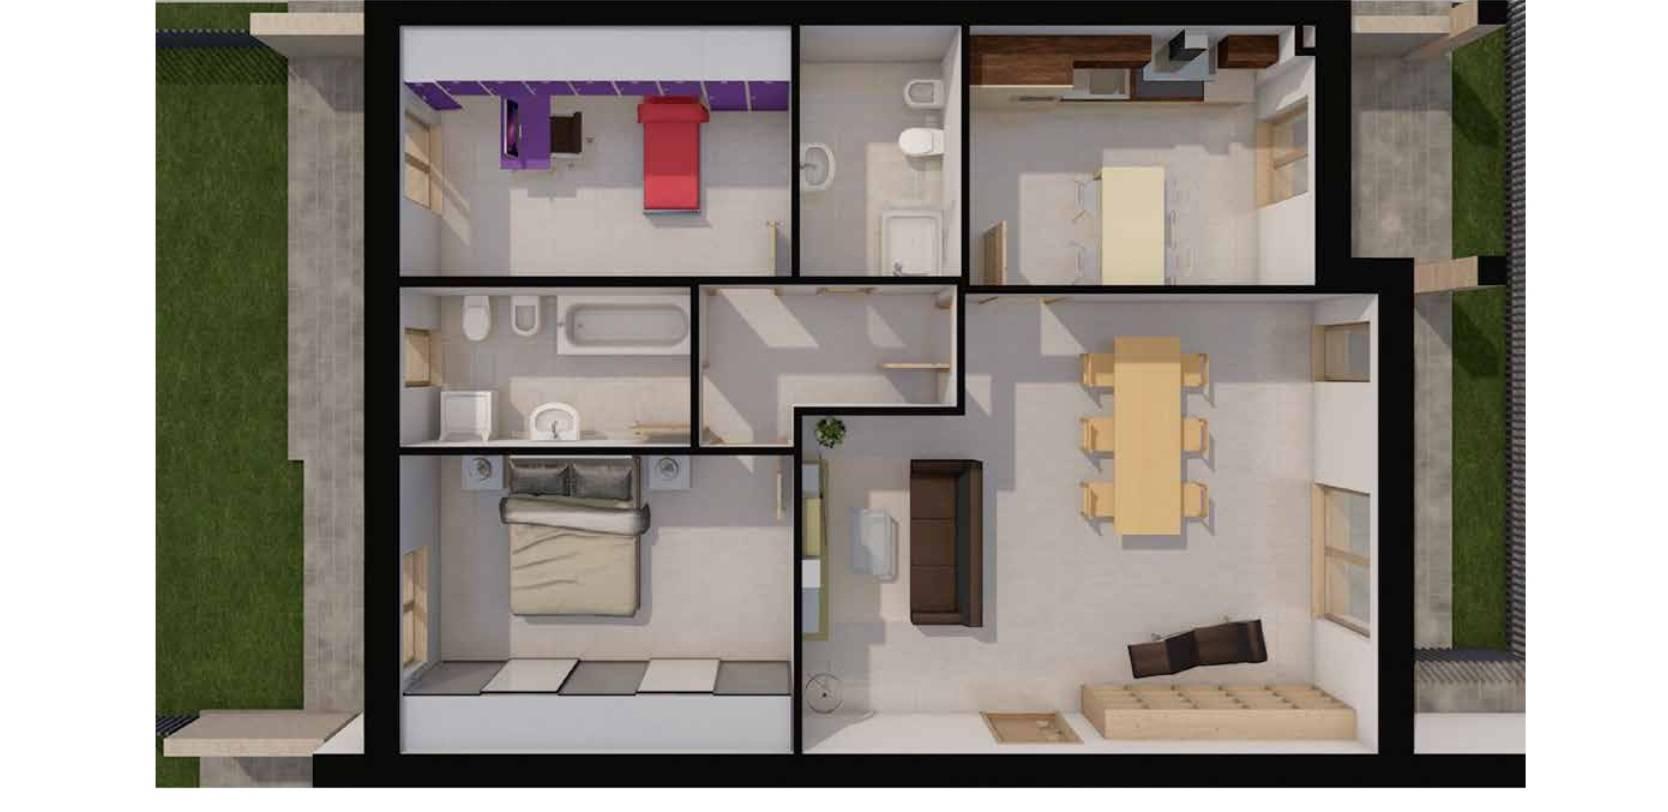 Appartamento in vendita a Trezzo sull'Adda, 3 locali, prezzo € 195.000 | PortaleAgenzieImmobiliari.it